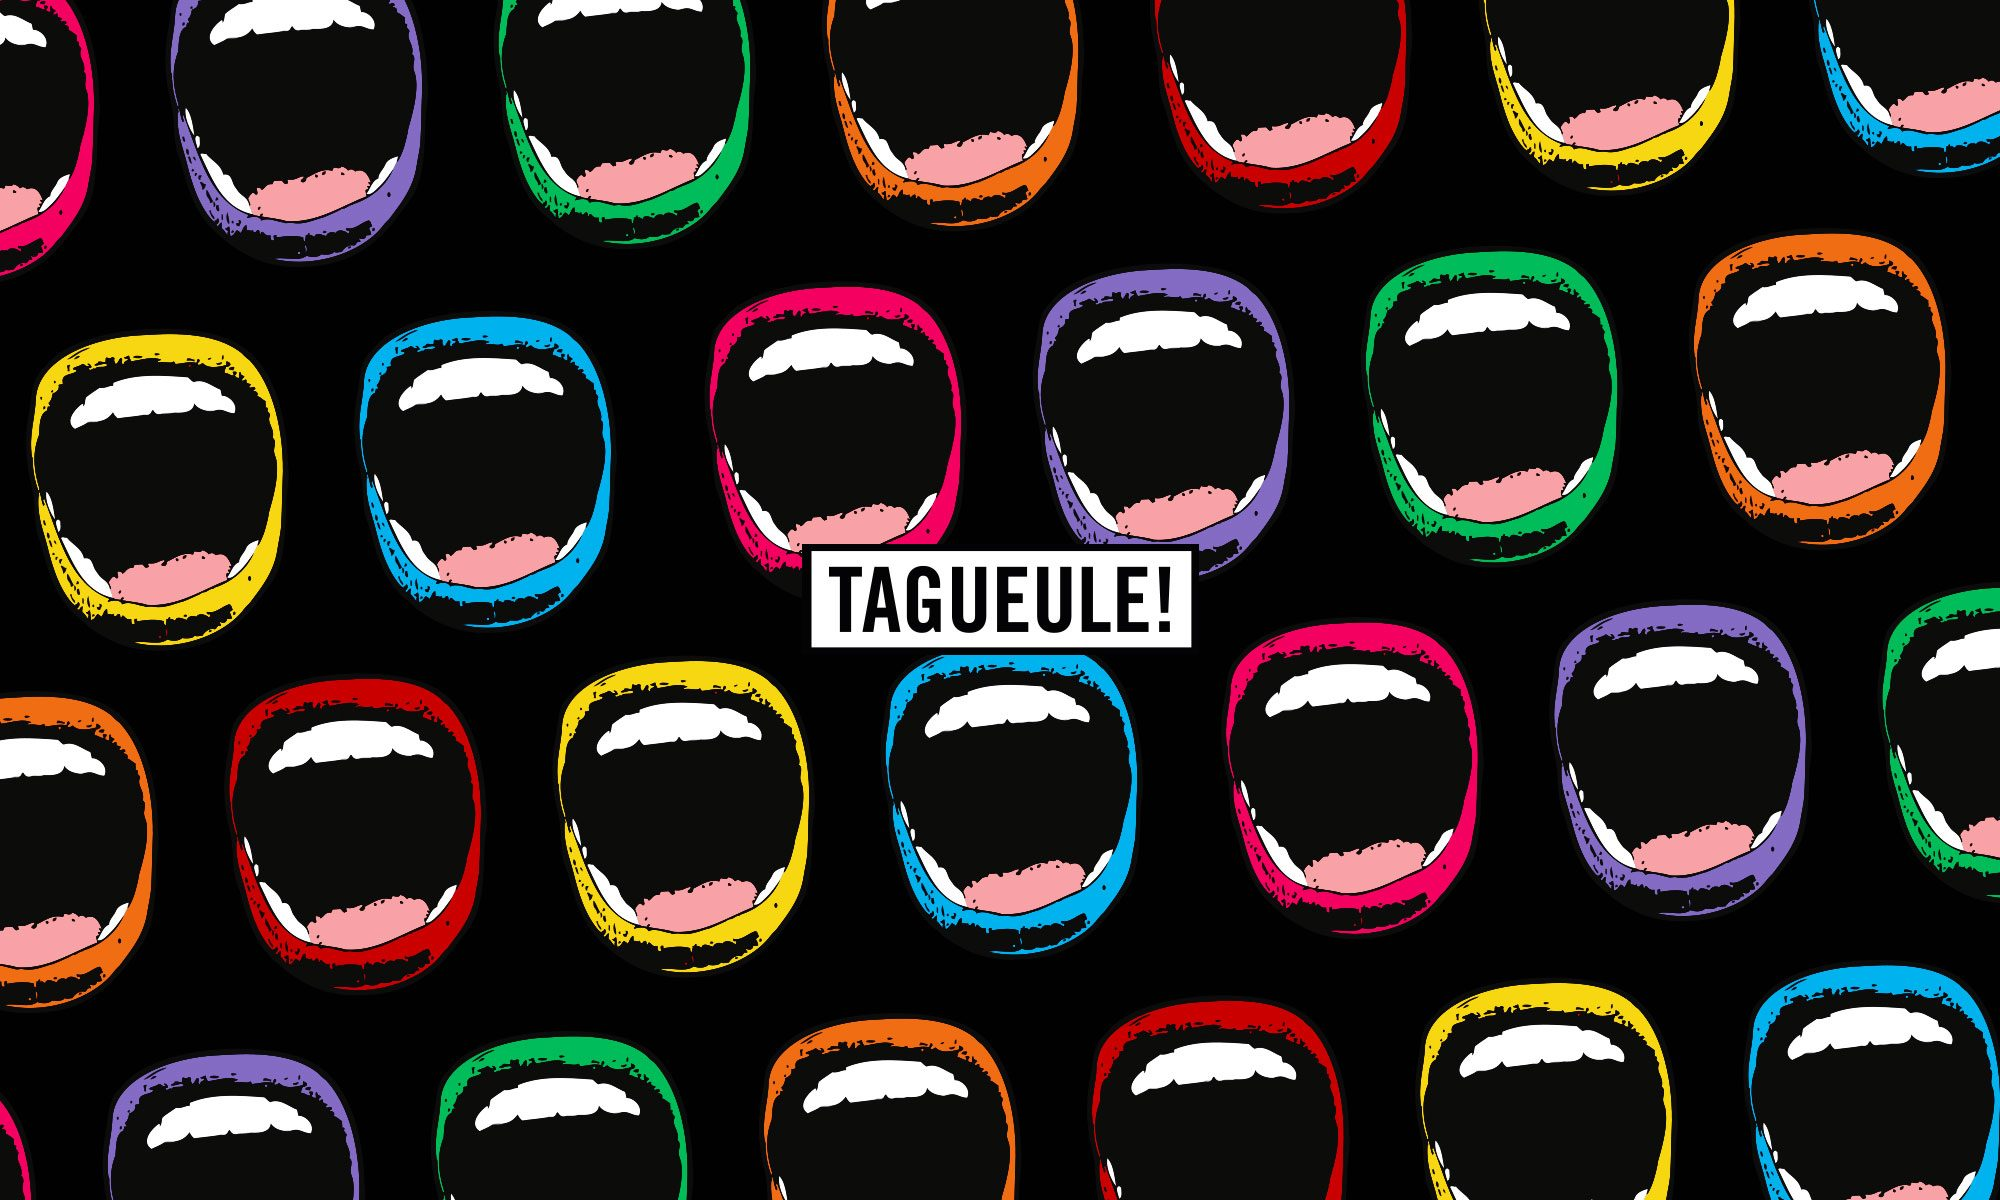 taGueule!